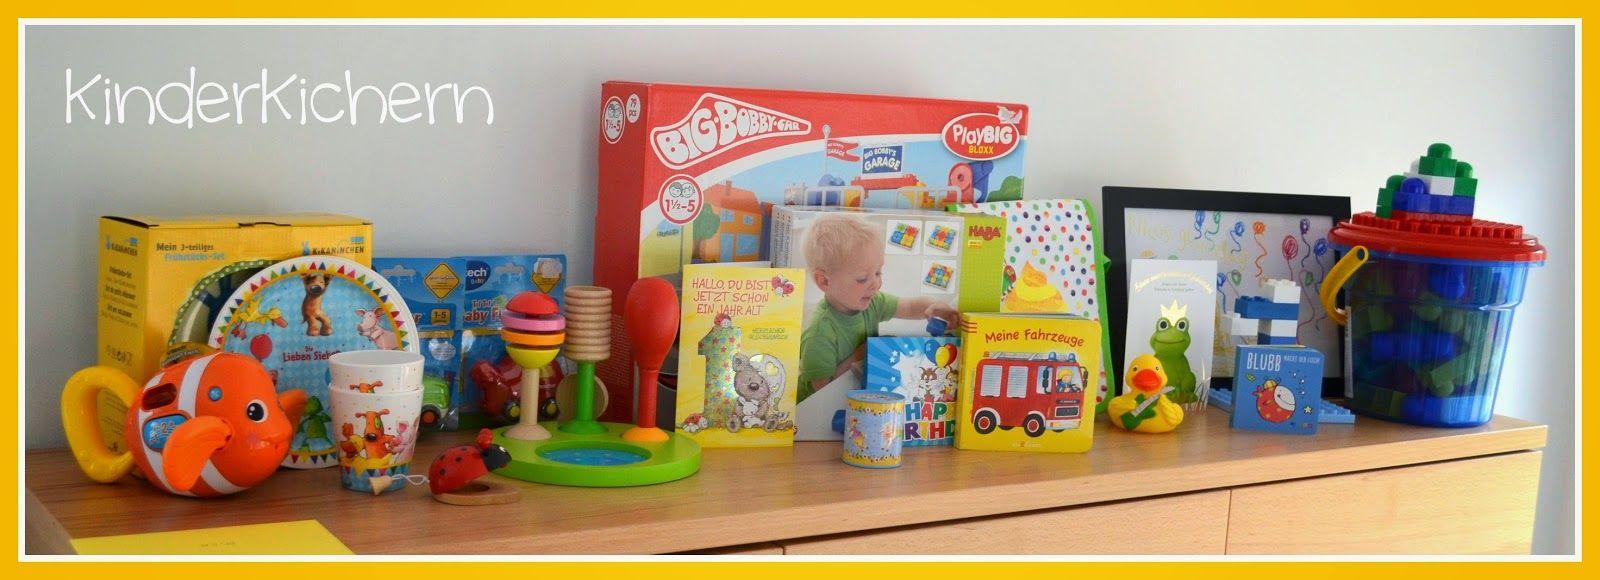 Kinderkichern Geschenkideen Zum Ersten Geburtstag Geschenke Zum